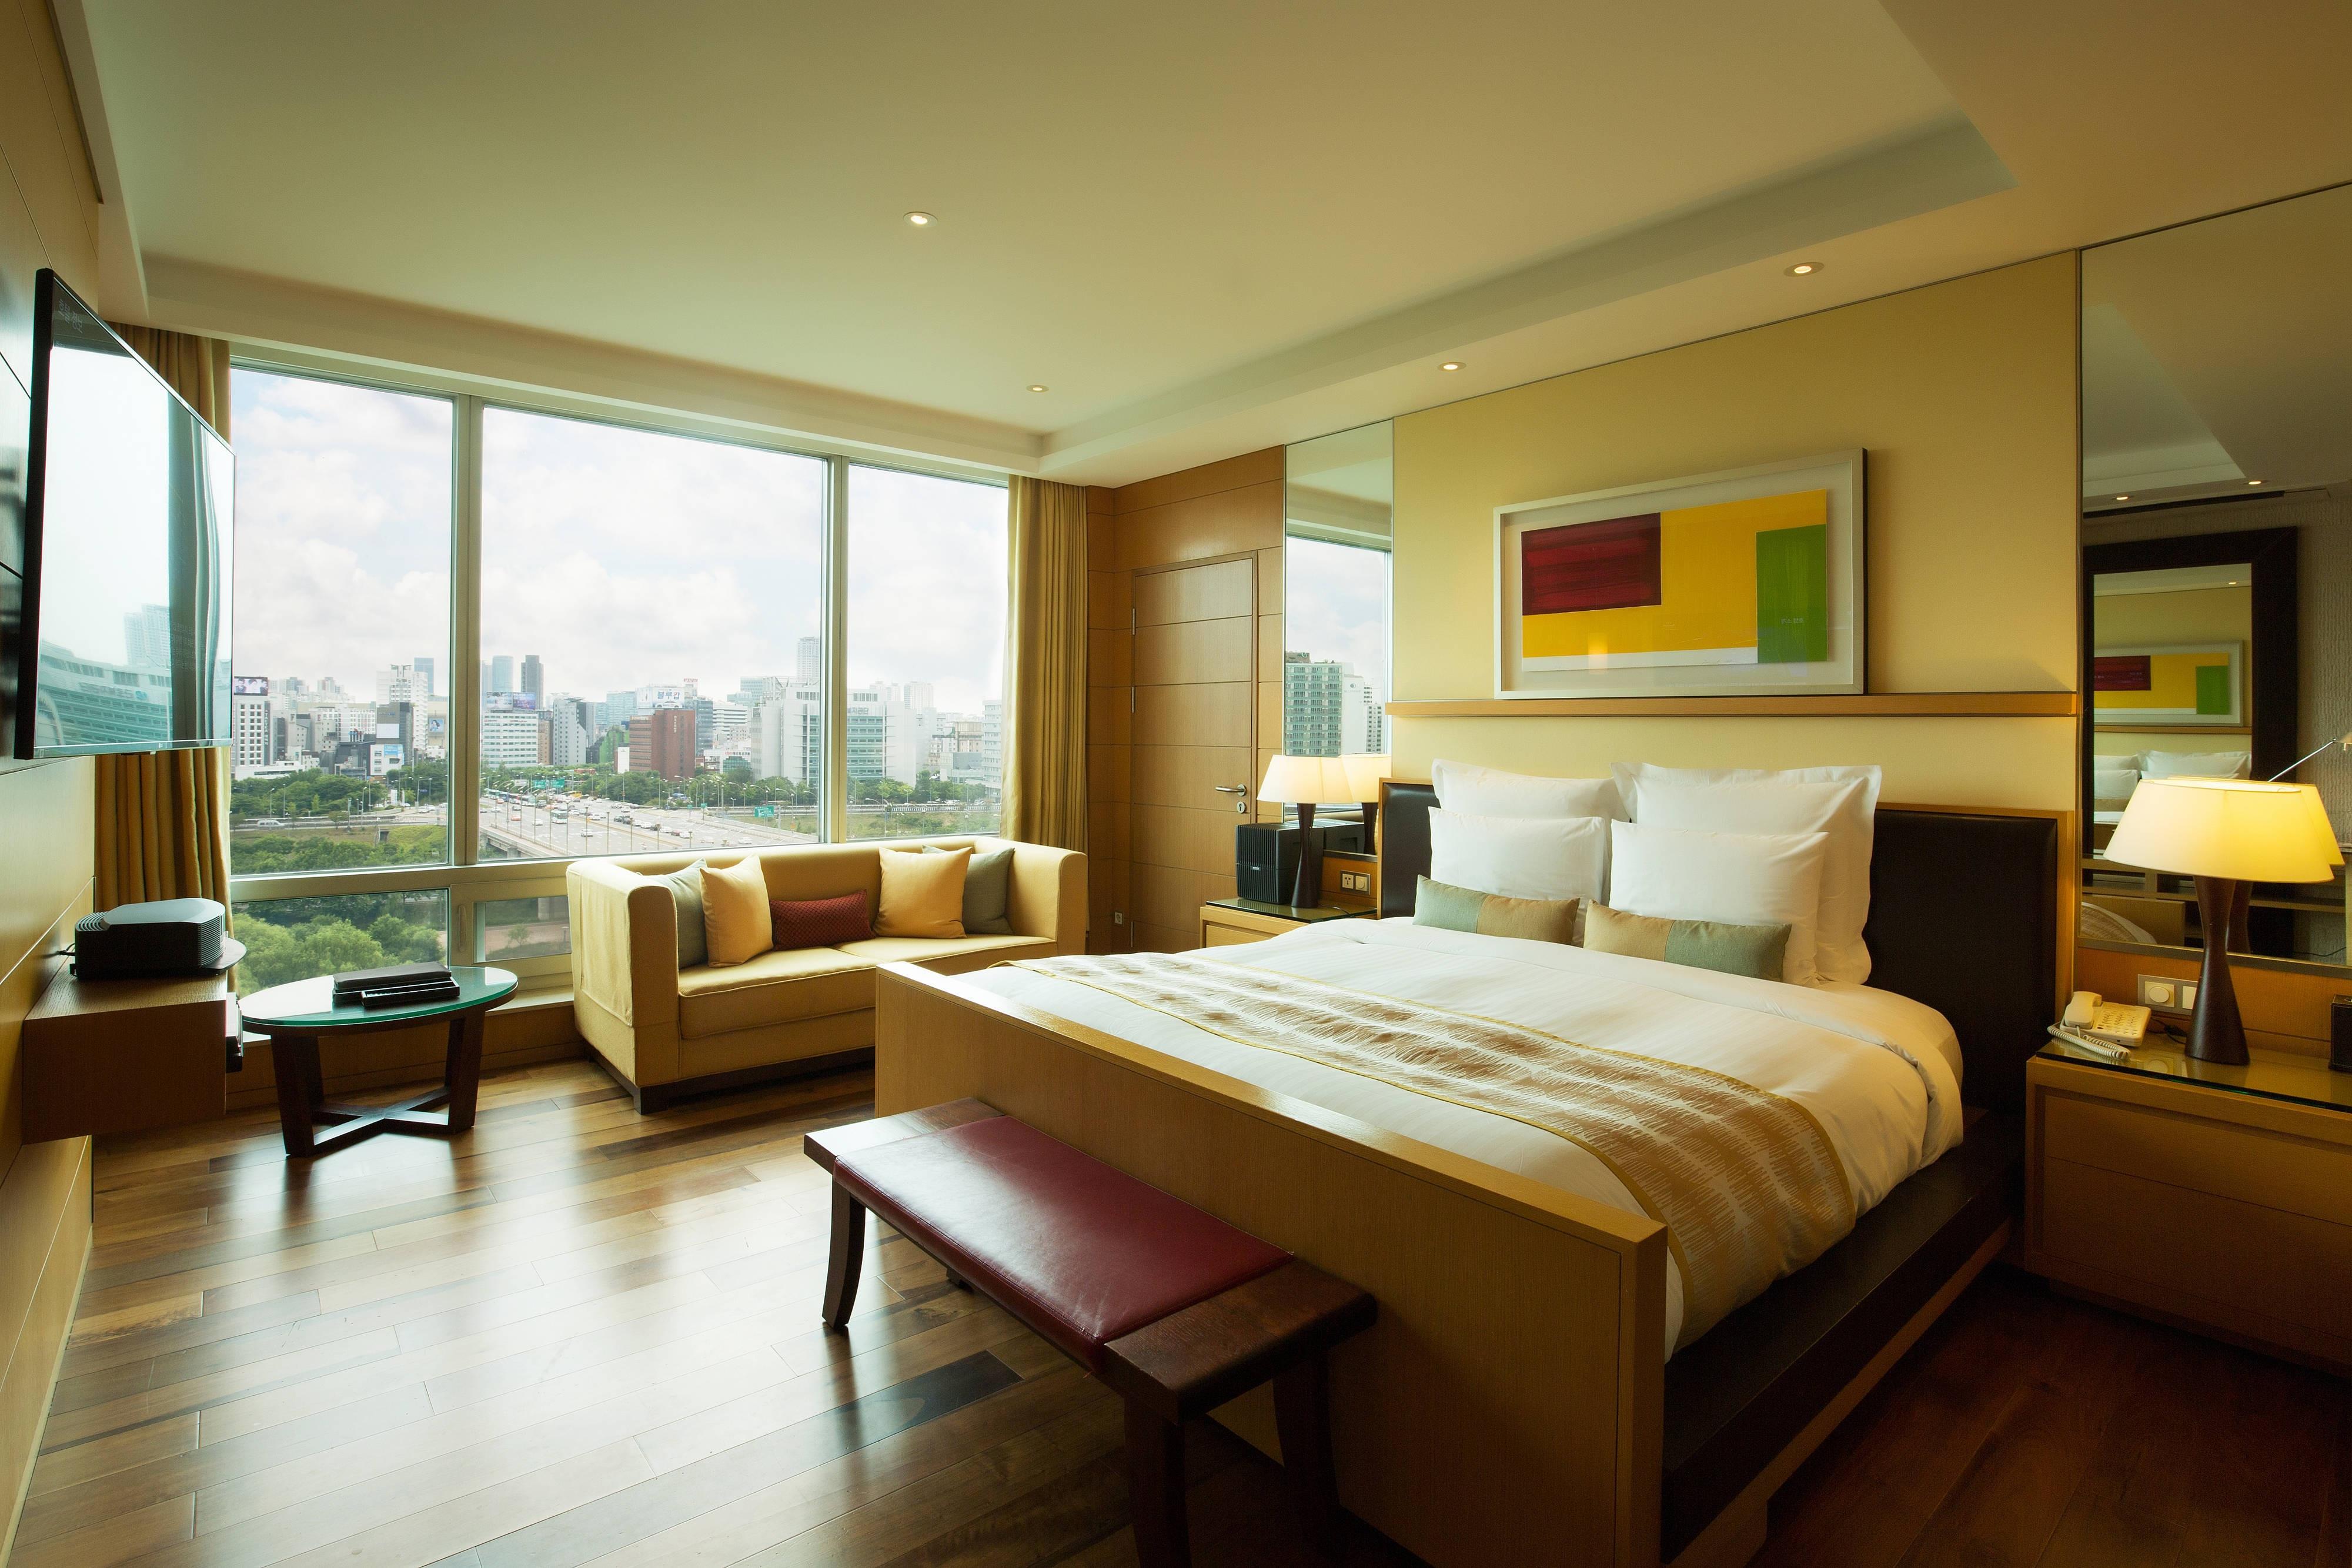 Appartement de luxe yeouido park centre seoul marriott - Appartement de luxe studio schicketanz ...